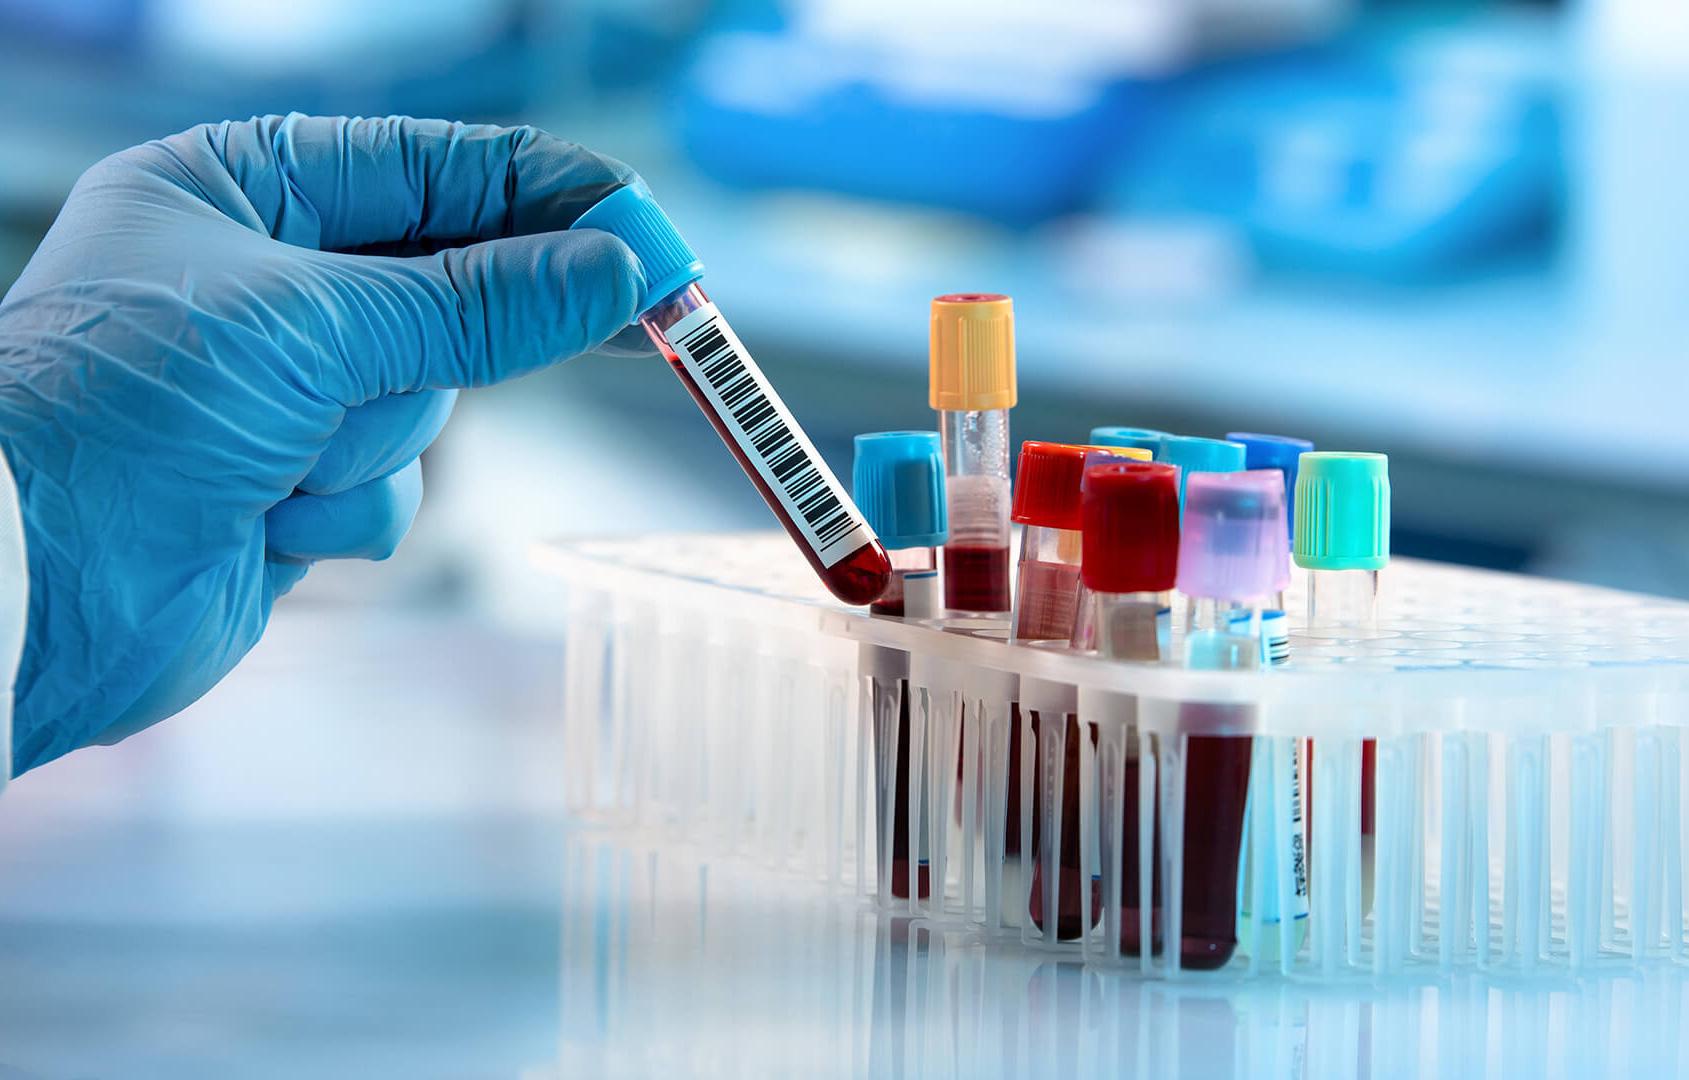 Phương pháp giá rẻ xác định 5 loại ung thư trước đến 4 năm - Báo Người lao  động